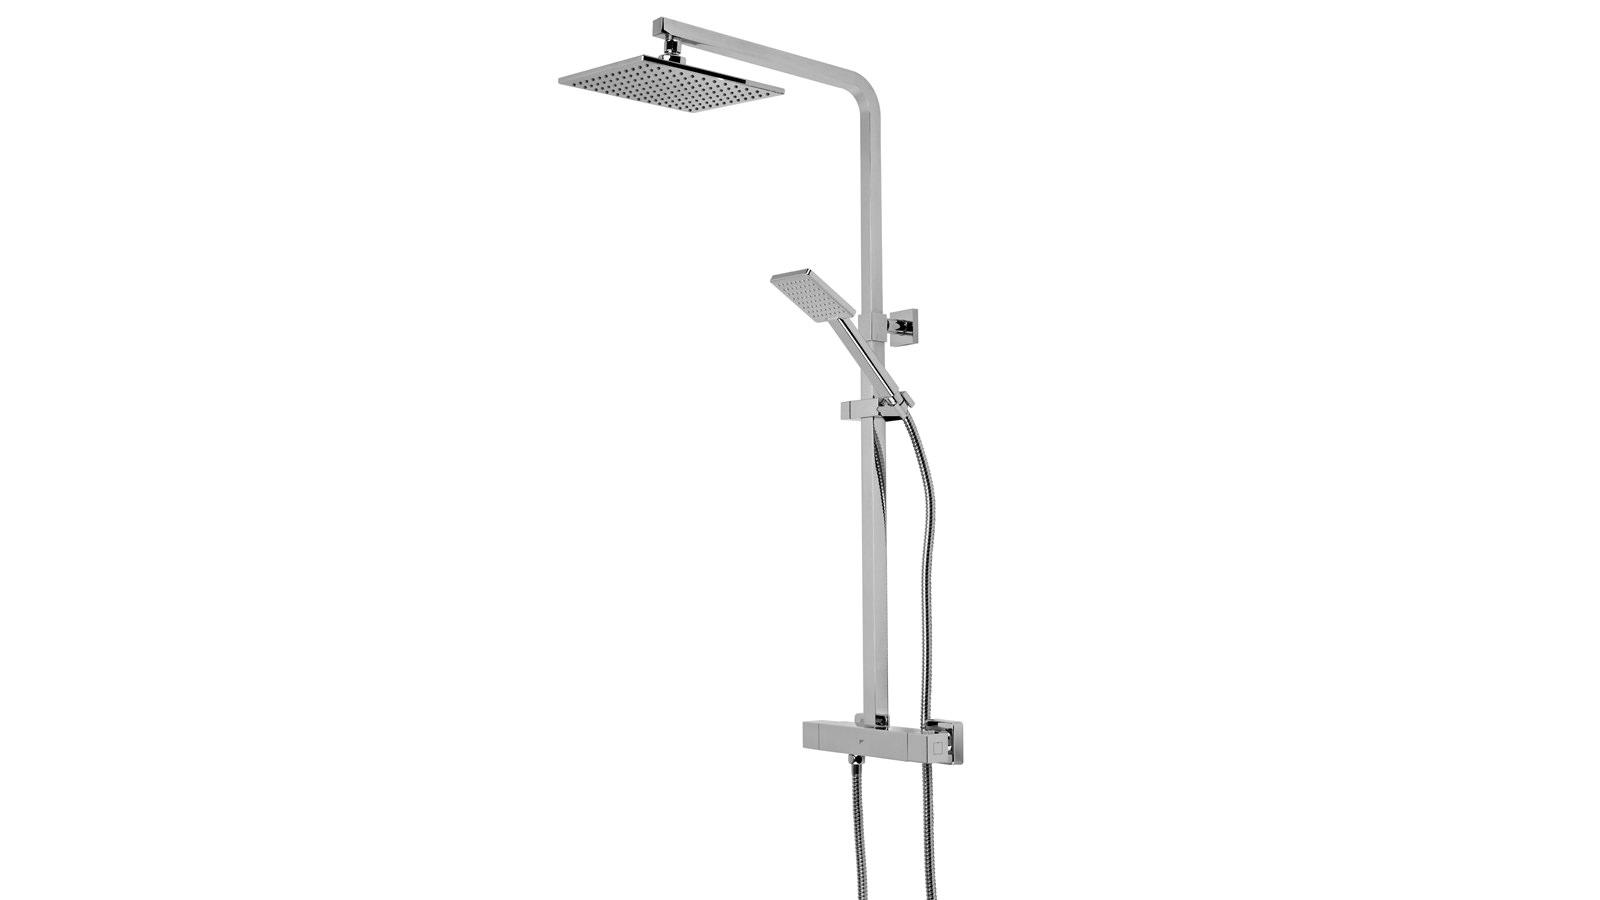 Roper Rhodes Event Square Dual Function Diverter Shower System Svset31